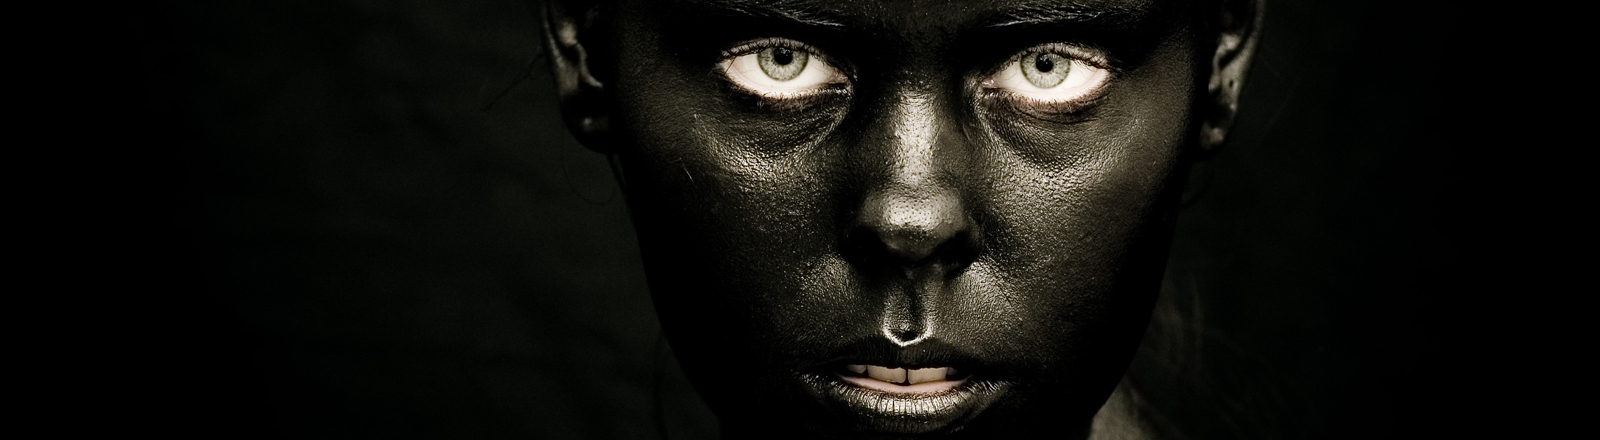 Eine Frau hat sich das Gesicht schwarz angemalt.